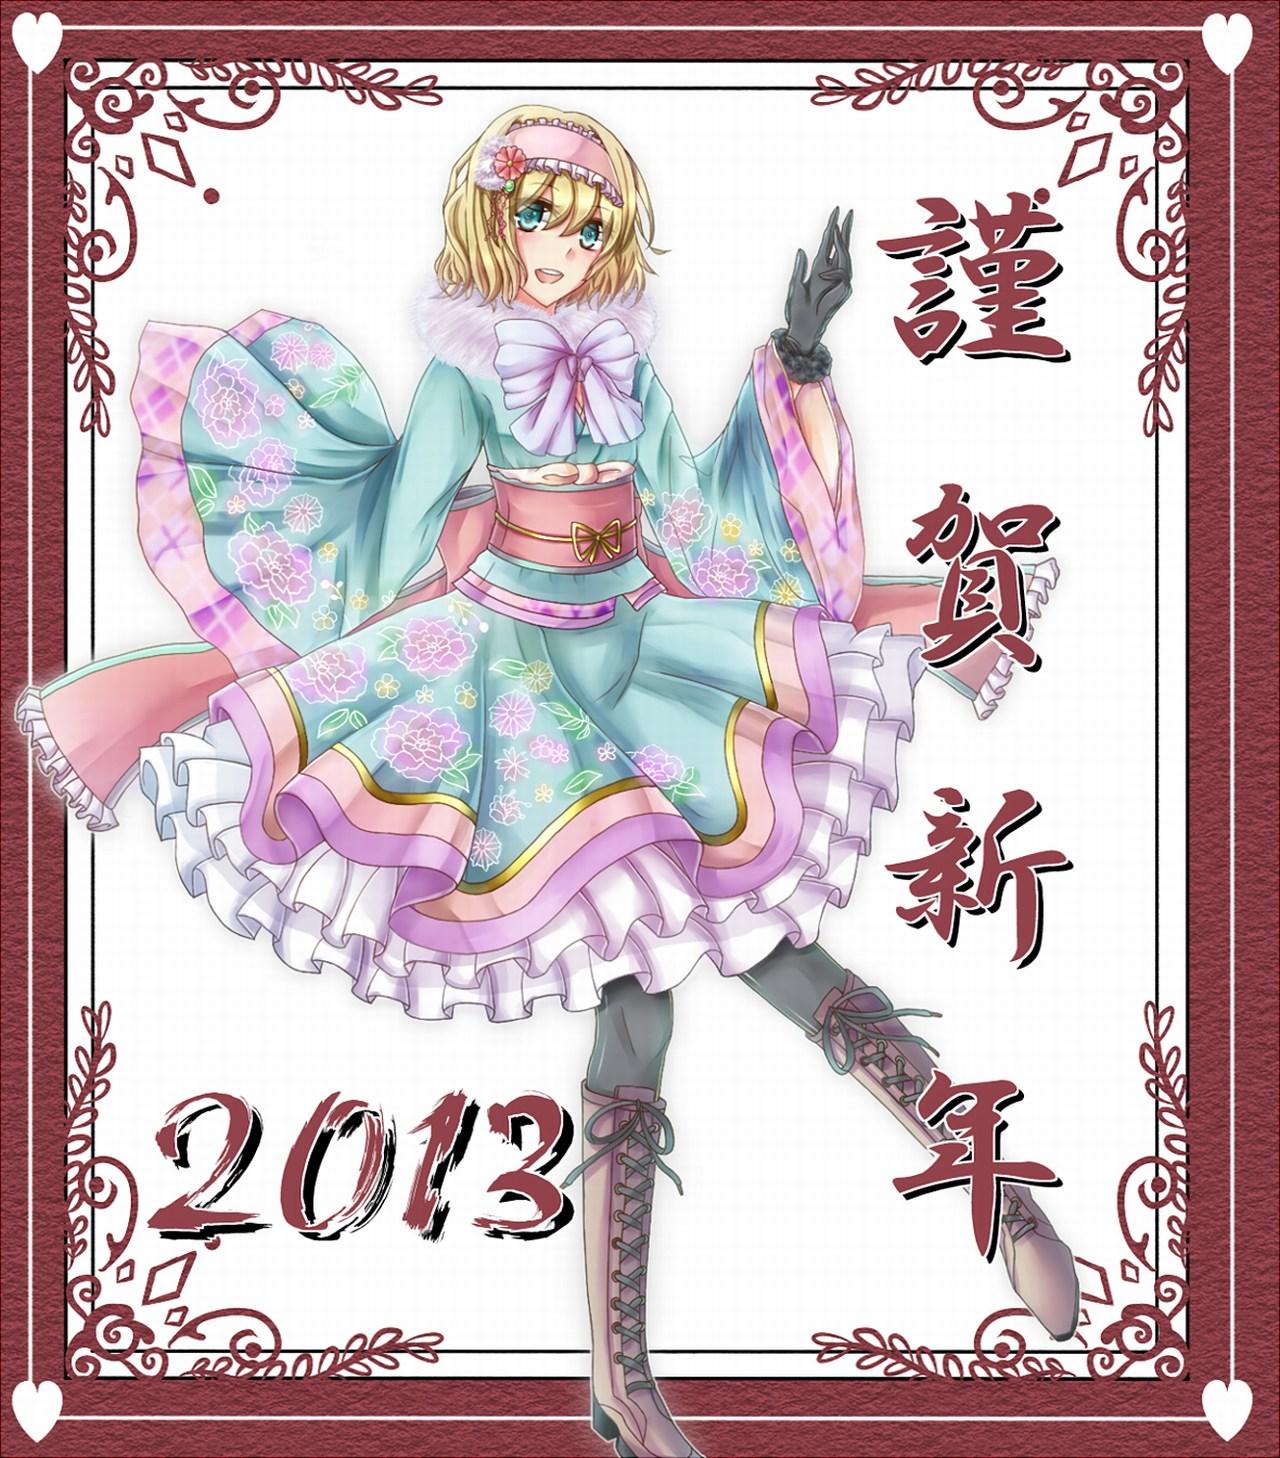 аниме девушка в платье alice_margatroid 2013